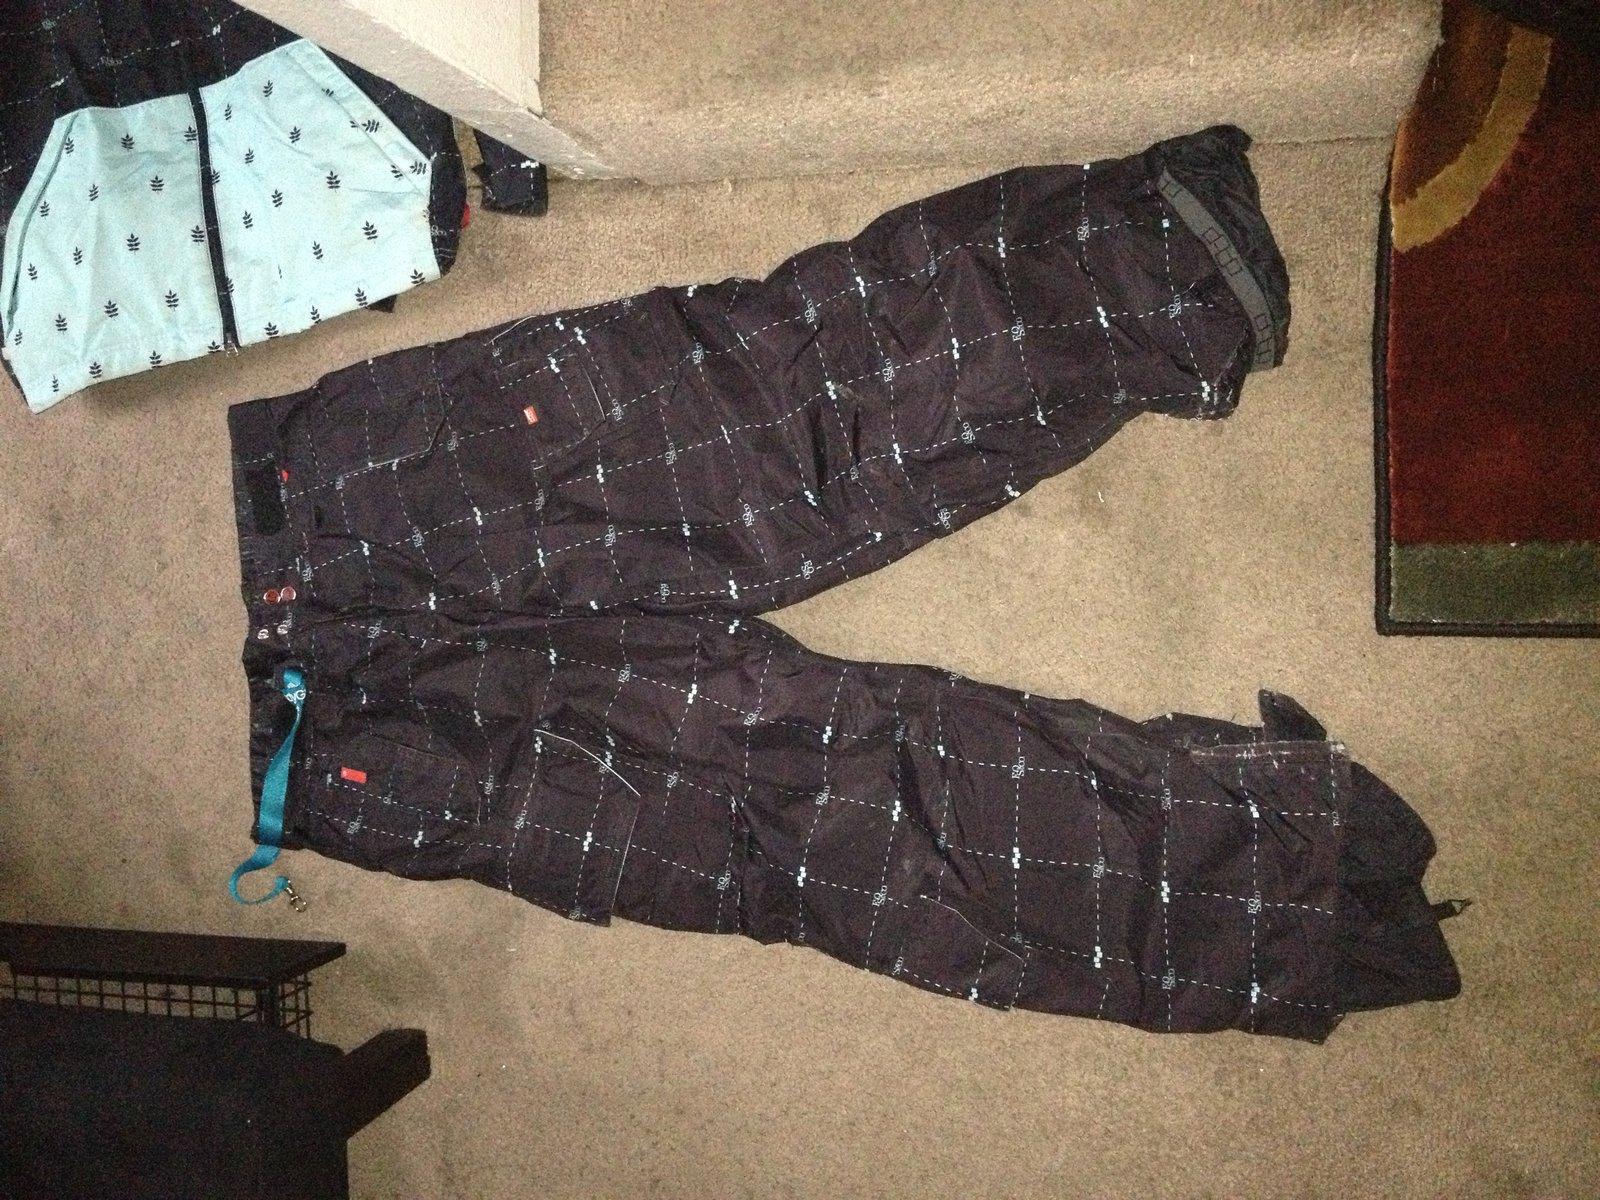 FS: Large, Foursquare pants